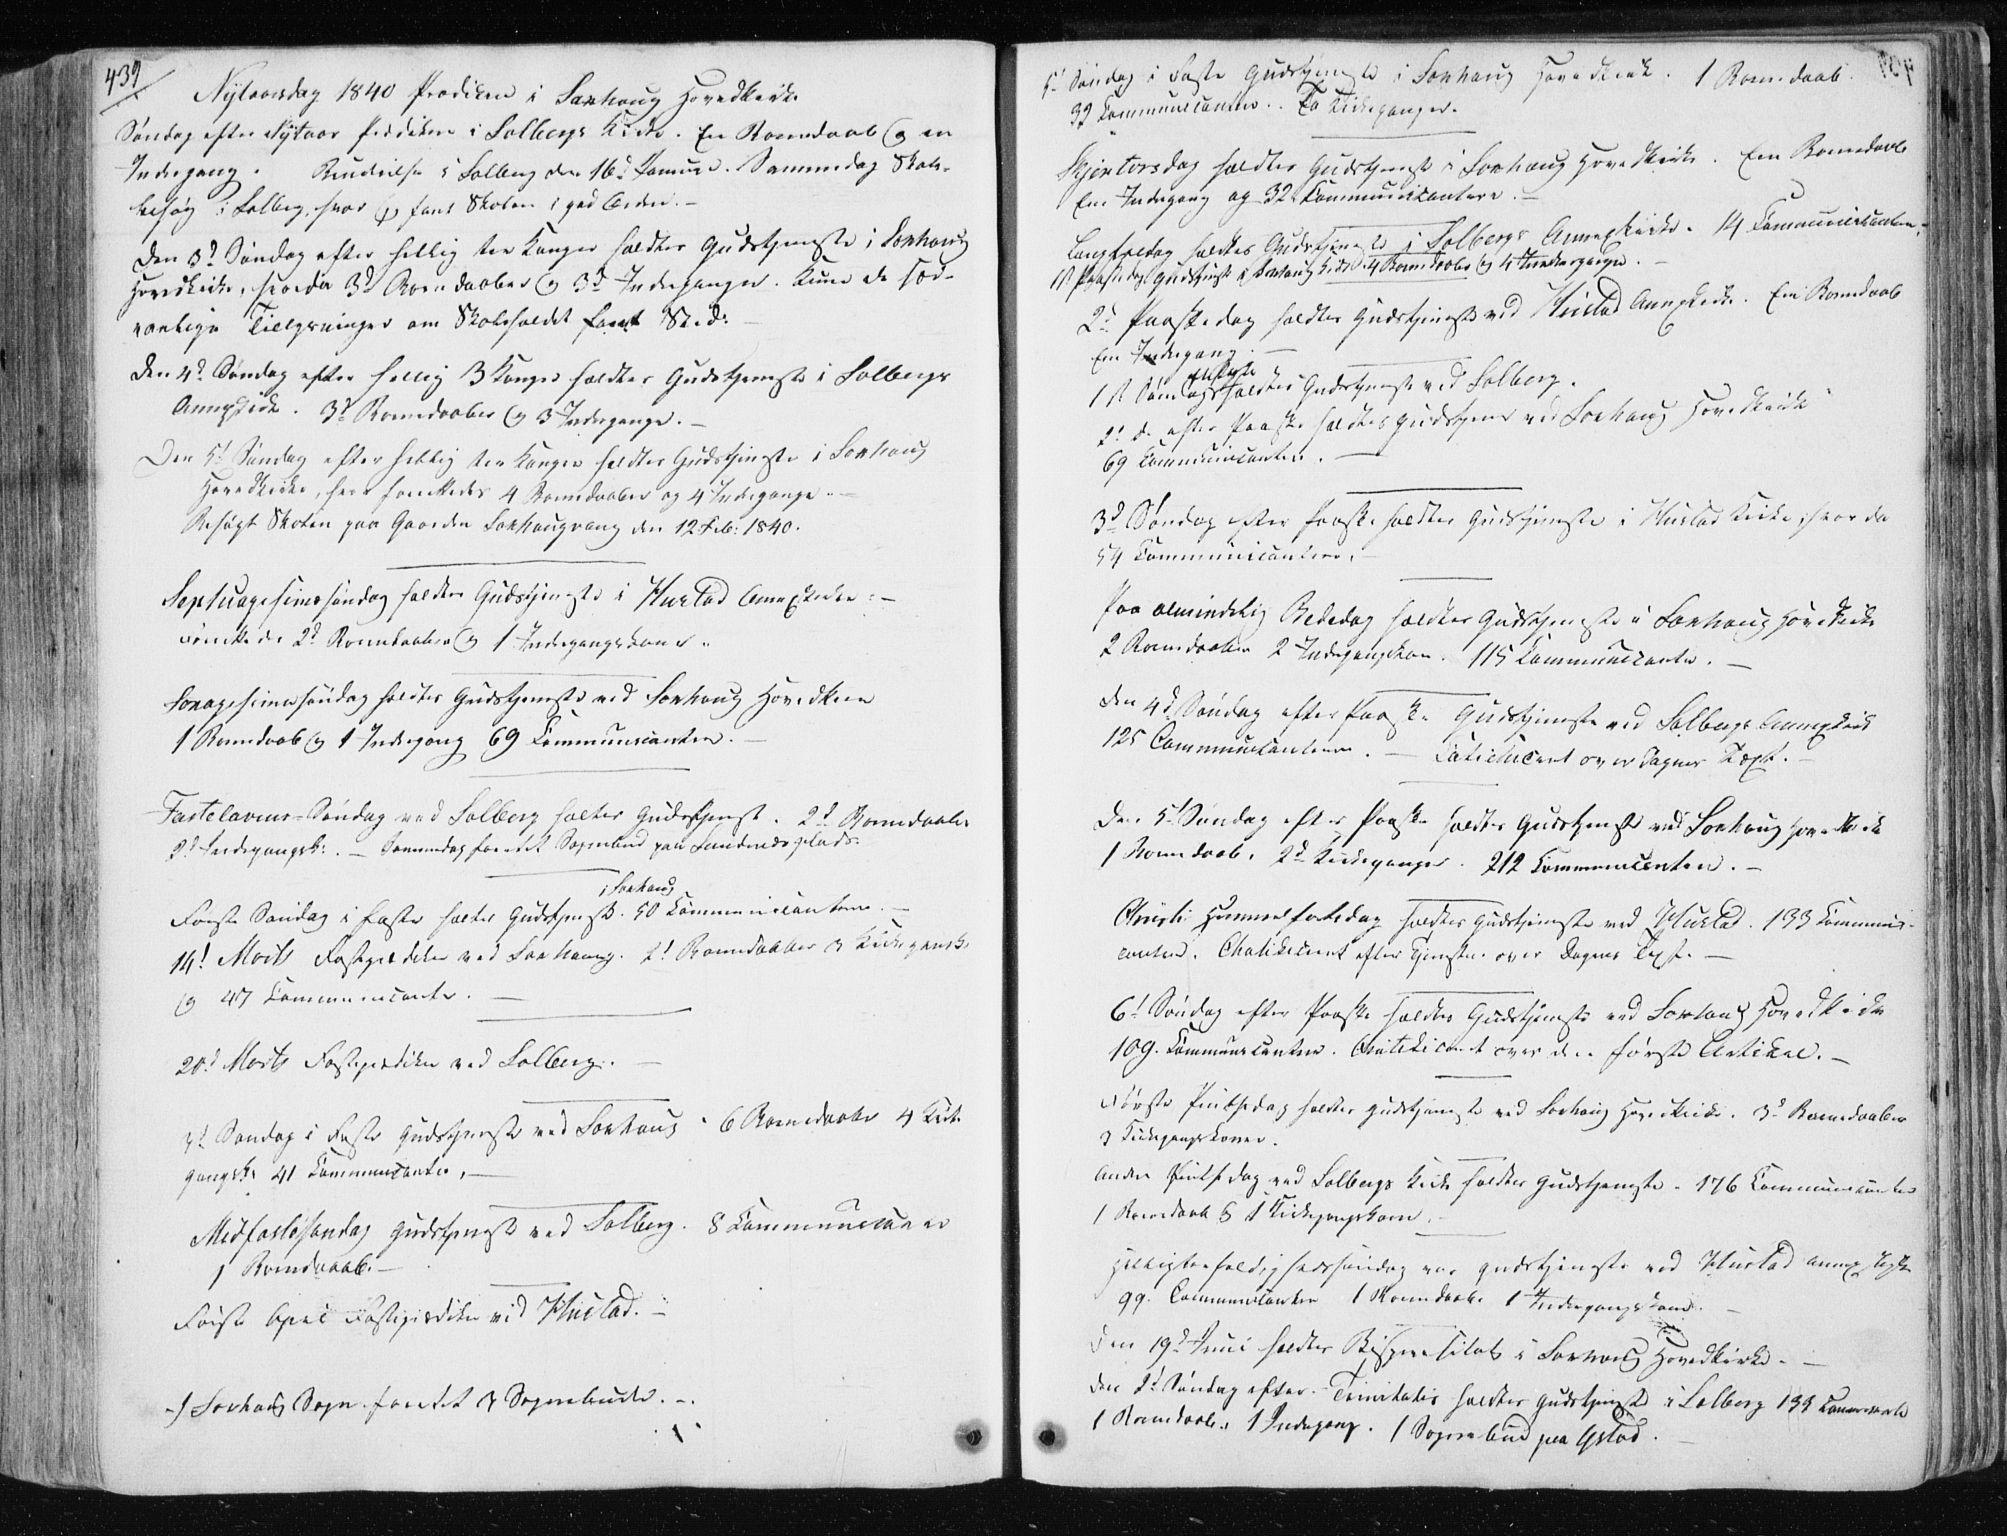 SAT, Ministerialprotokoller, klokkerbøker og fødselsregistre - Nord-Trøndelag, 730/L0280: Ministerialbok nr. 730A07 /1, 1840-1854, s. 439